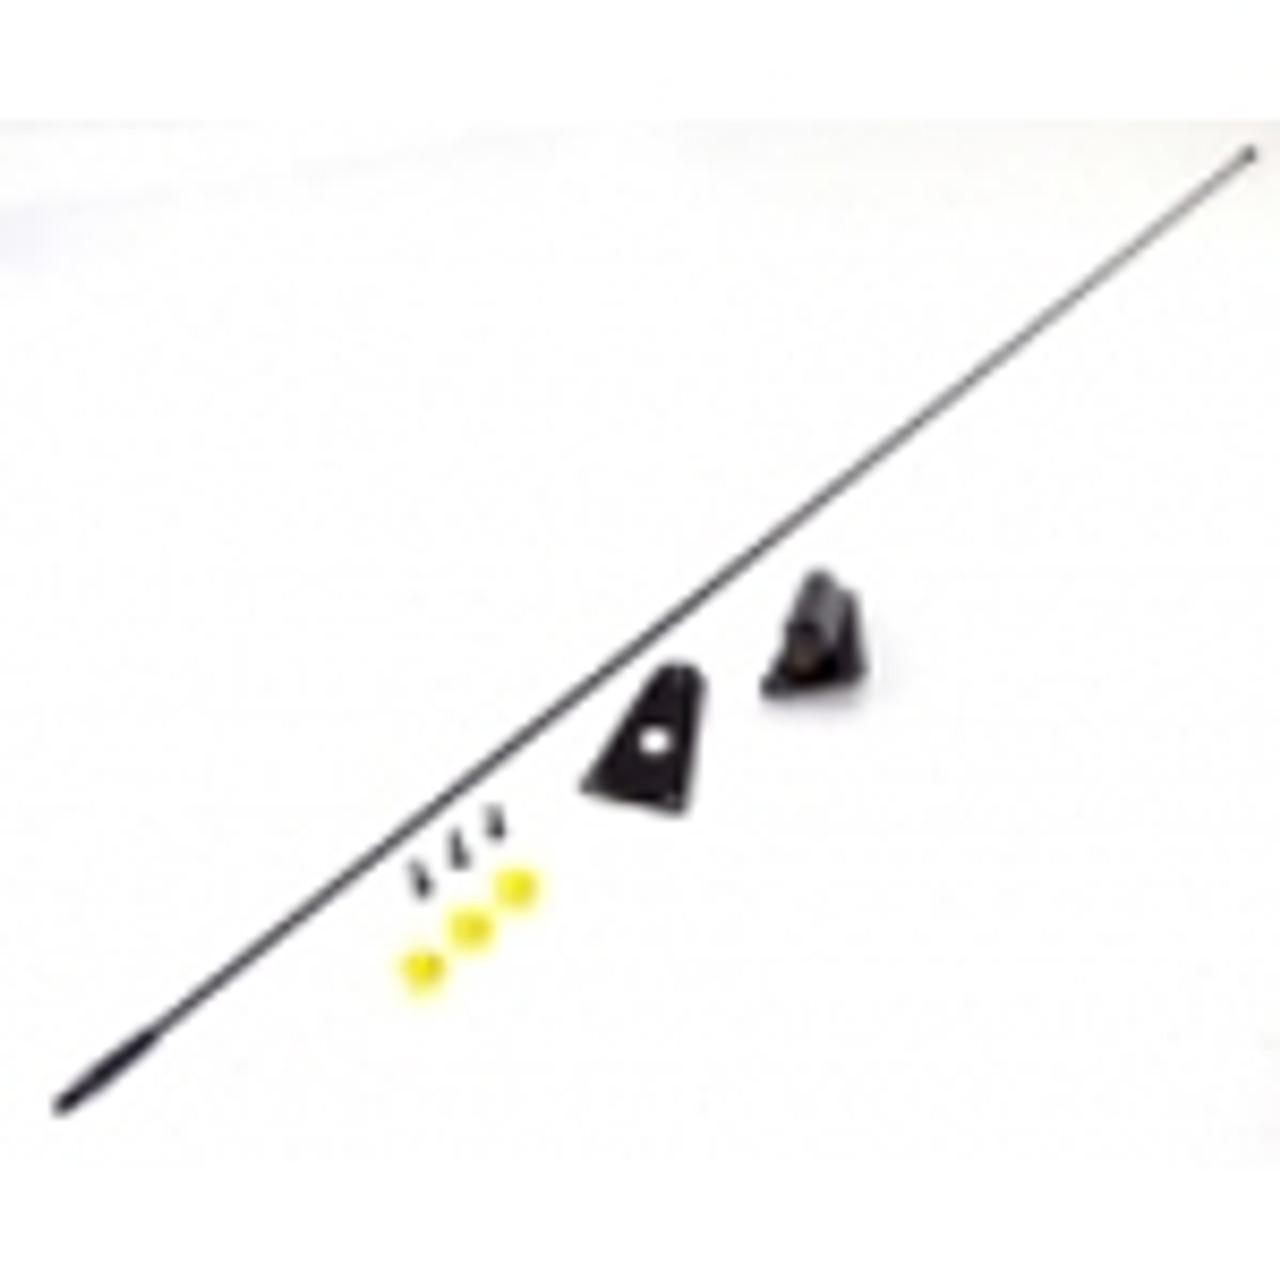 Antenna Kits and Parts